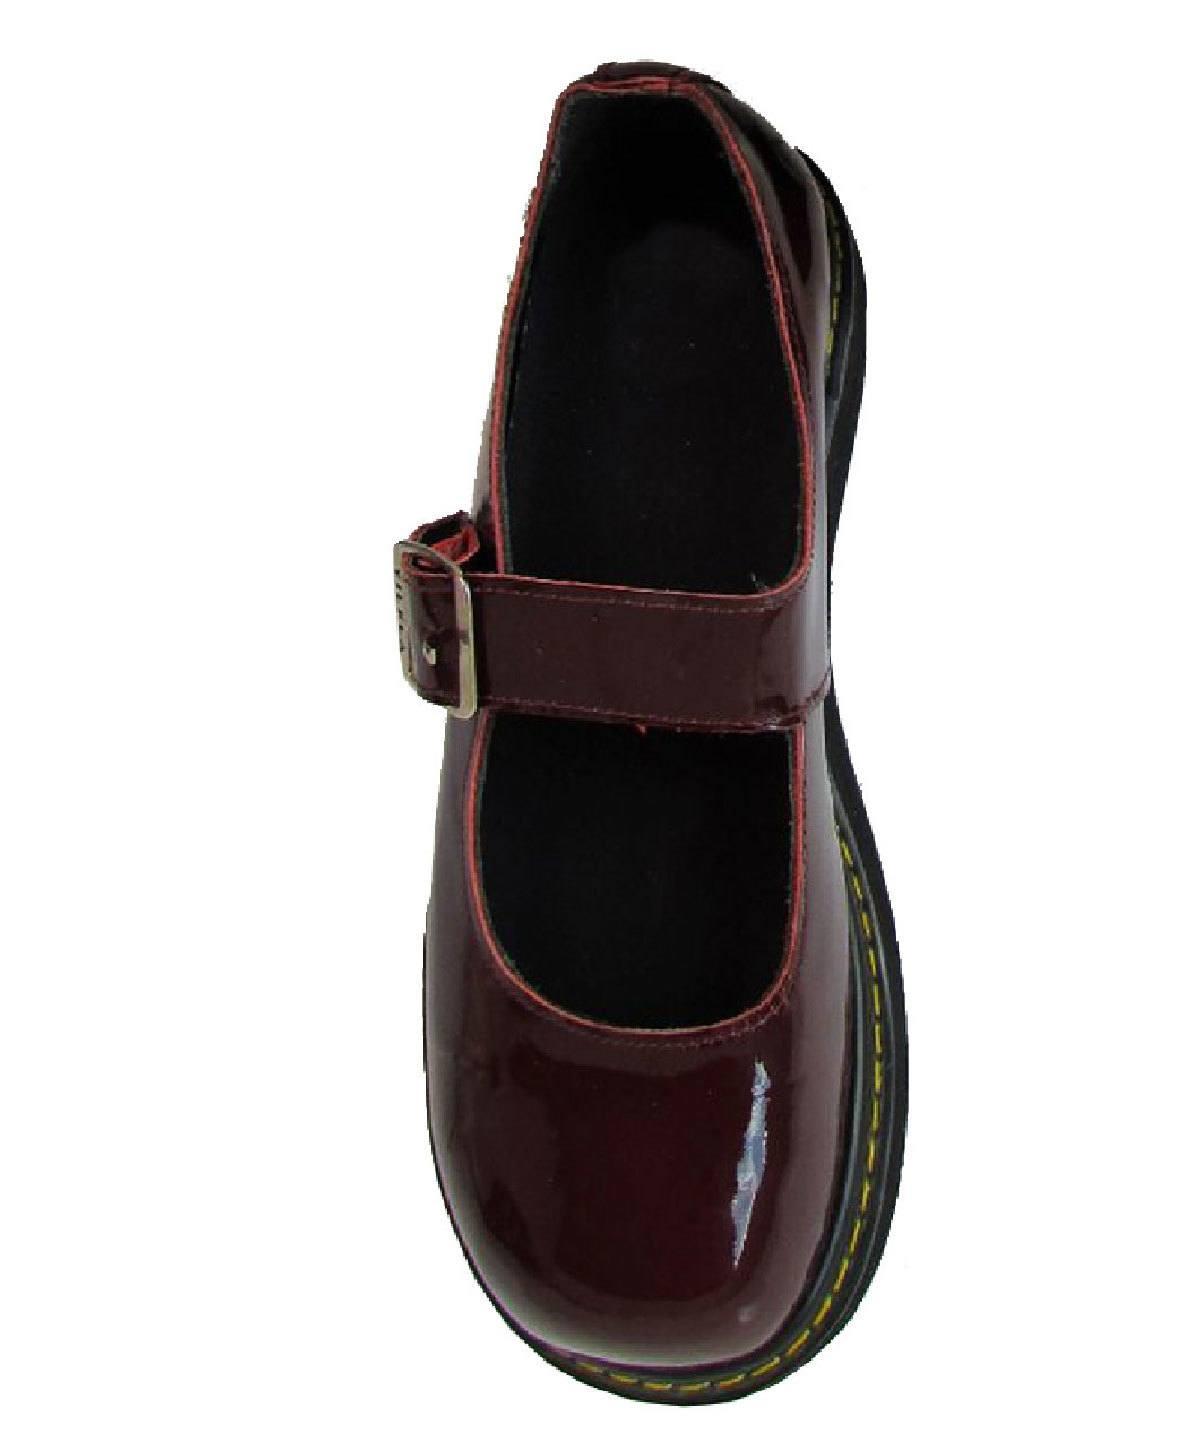 Sapato Boneca Envernizado Vinho Solado Plataforma Couro 095